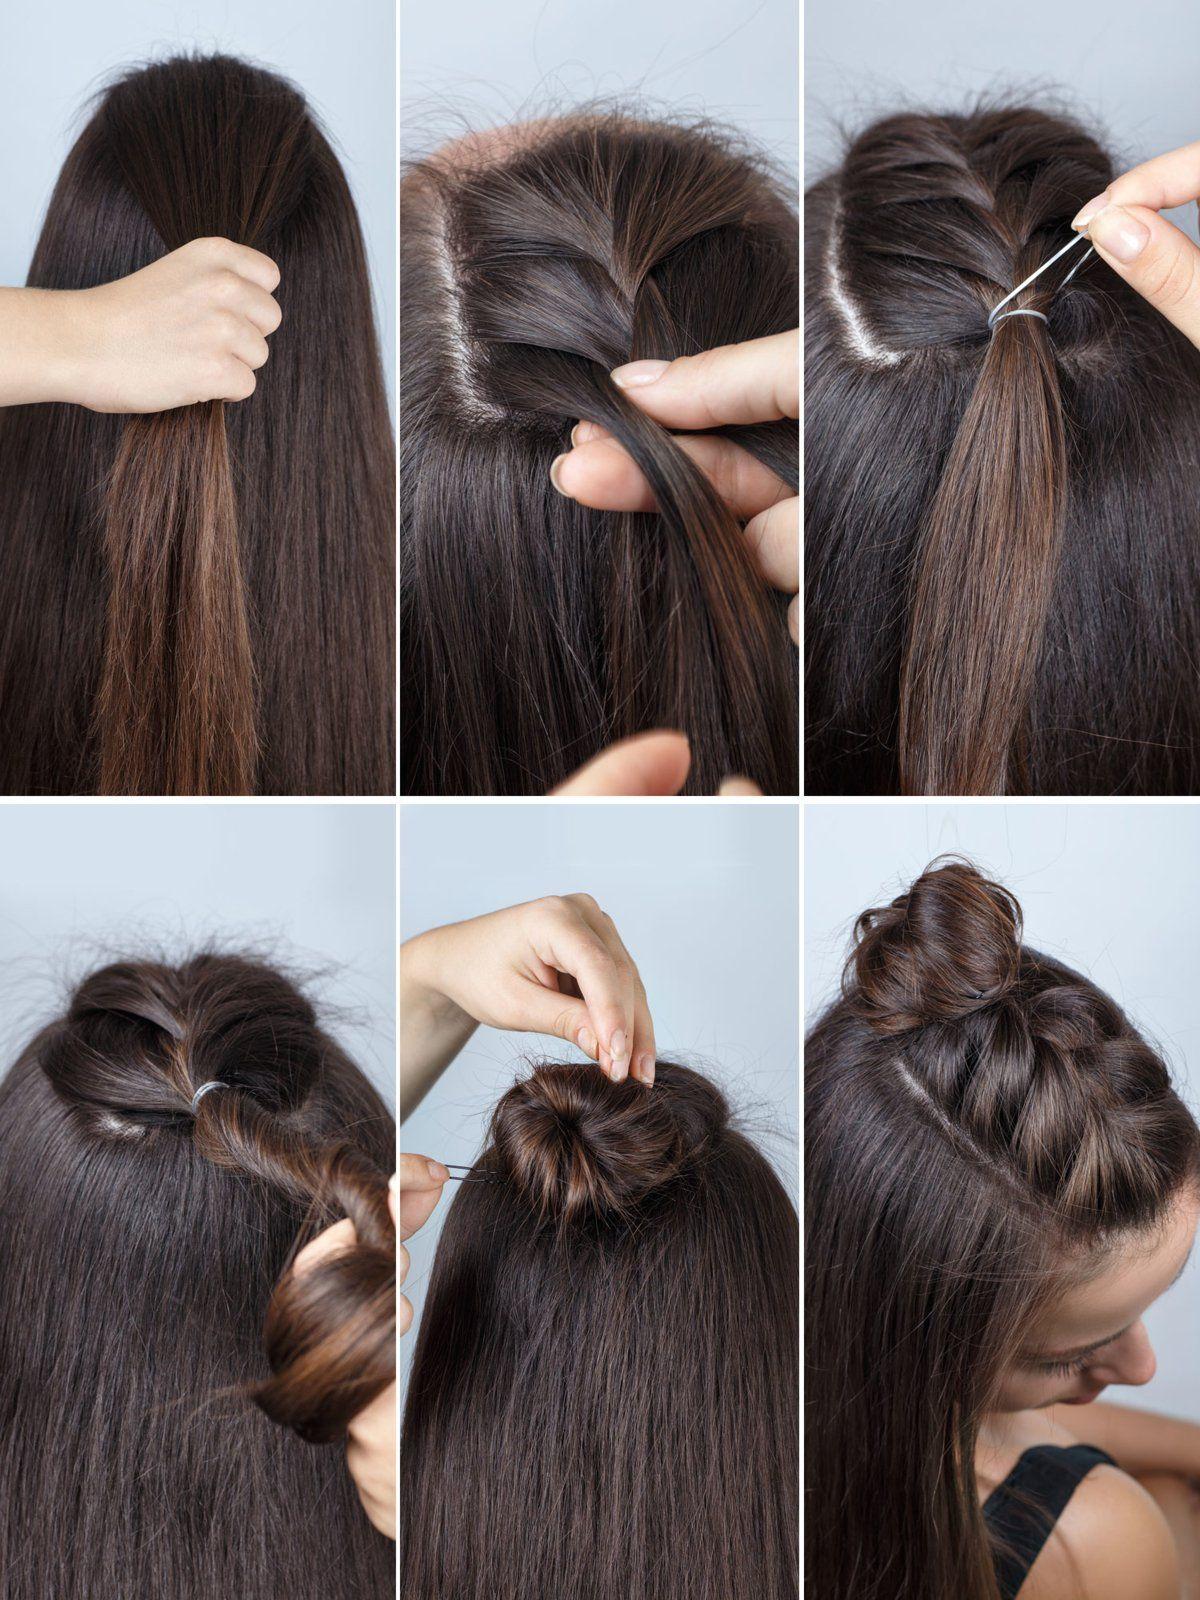 Step By Step Die 10 Schönsten Frisuren Zum Nachstylen Hair